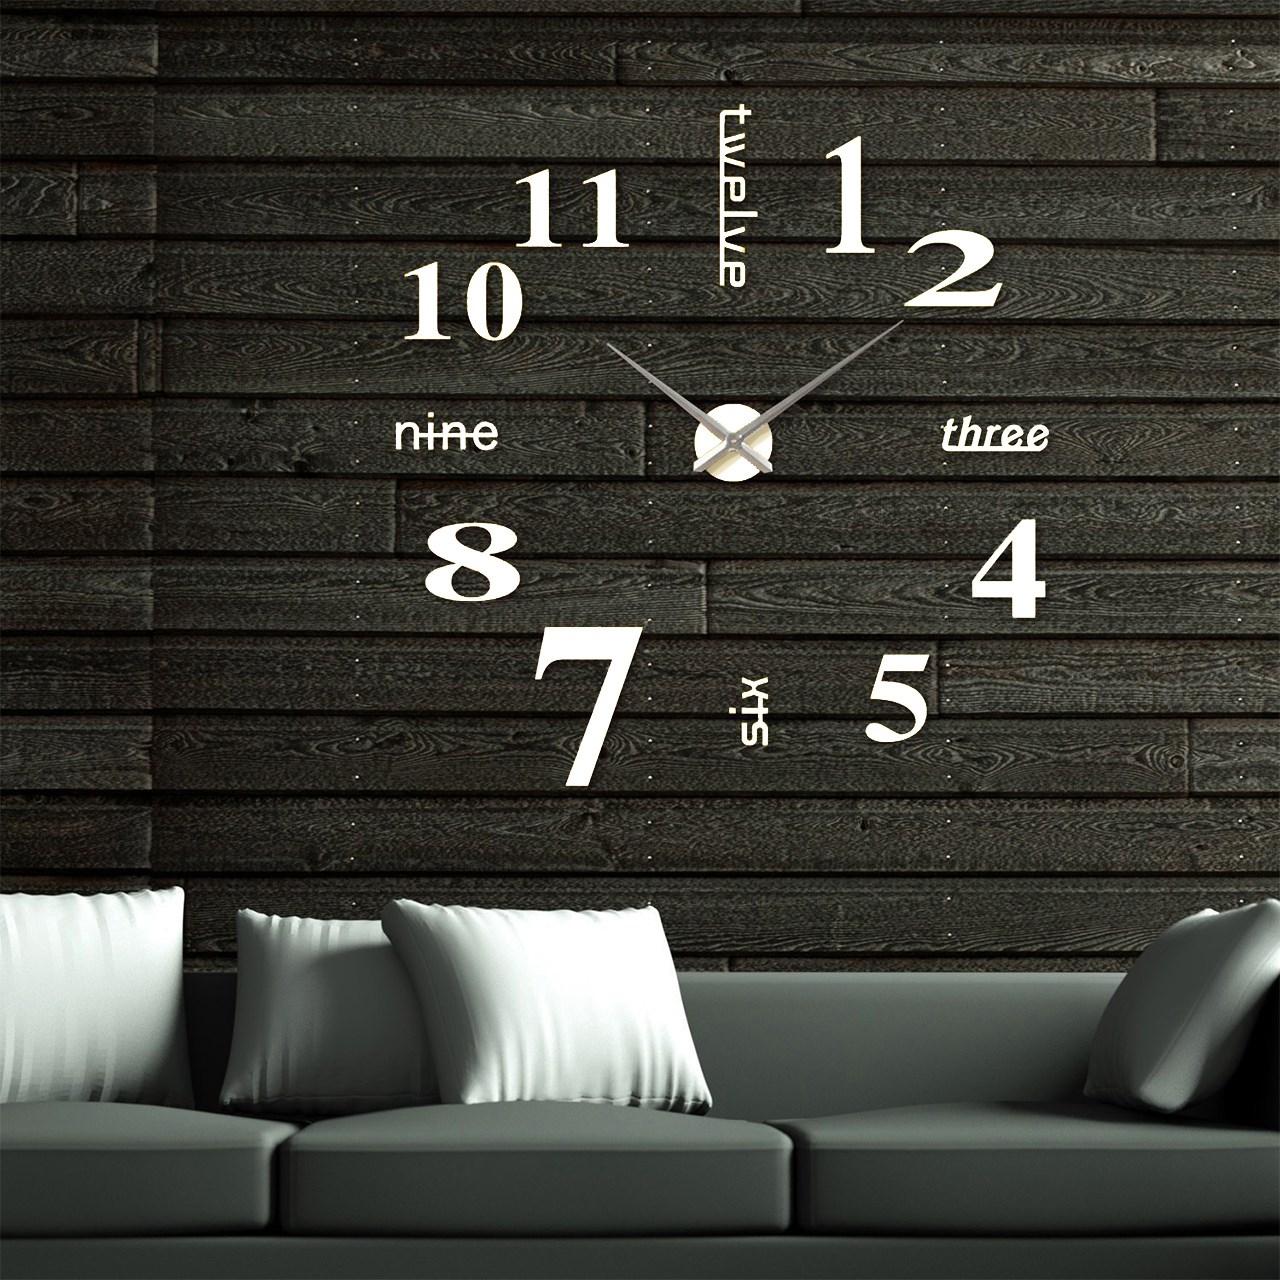 ساعت دیواری رویال ماروتی مدل ARN-6007